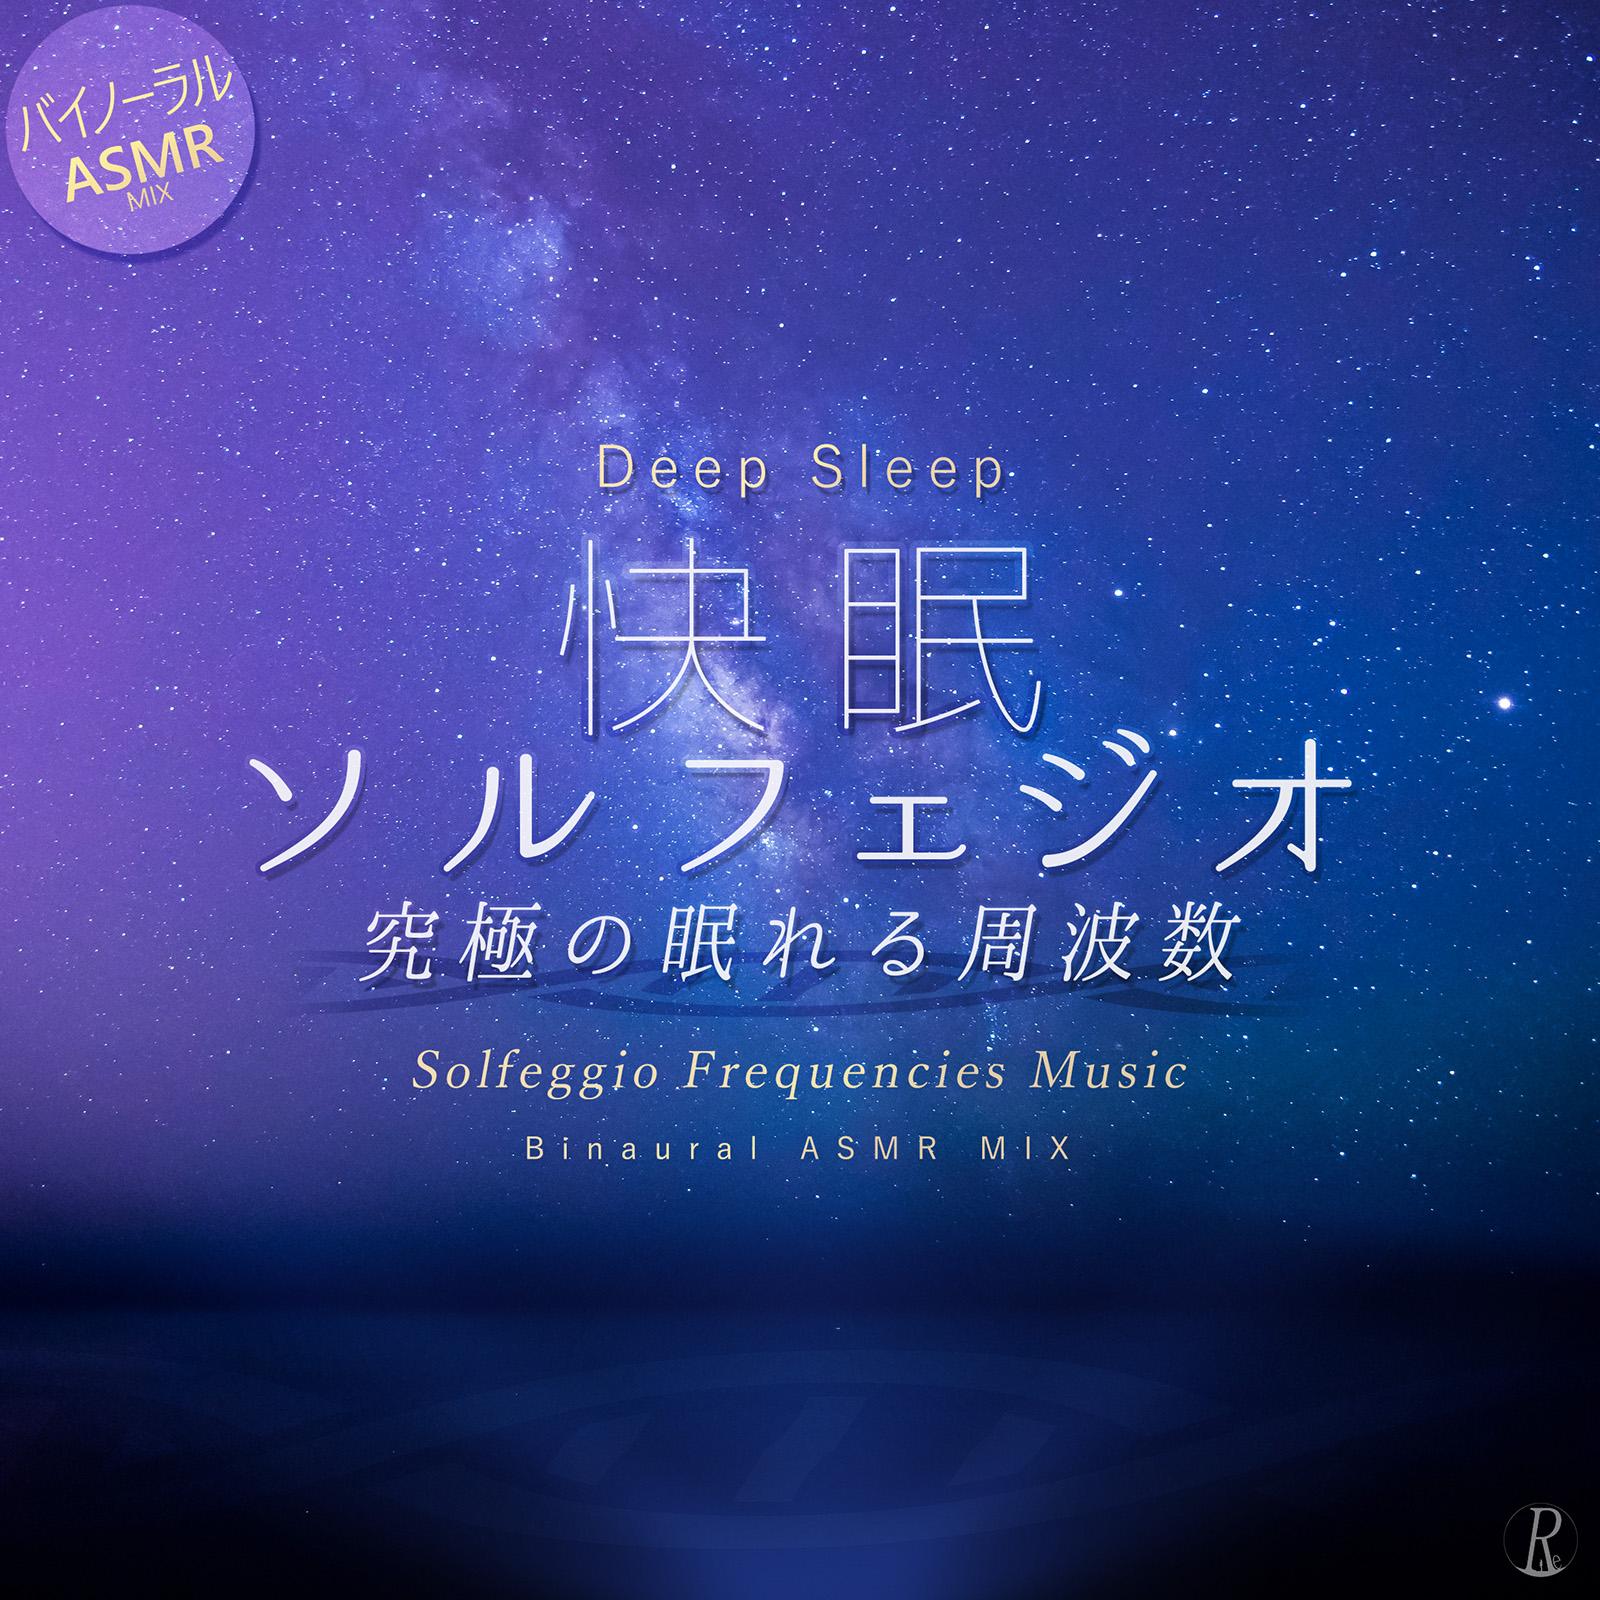 Relax Playlist feat. ソルフェジオ ラボ - 快眠ソルフェジオ - 究極の眠れる周波数 バイノーラル ASMR Mix